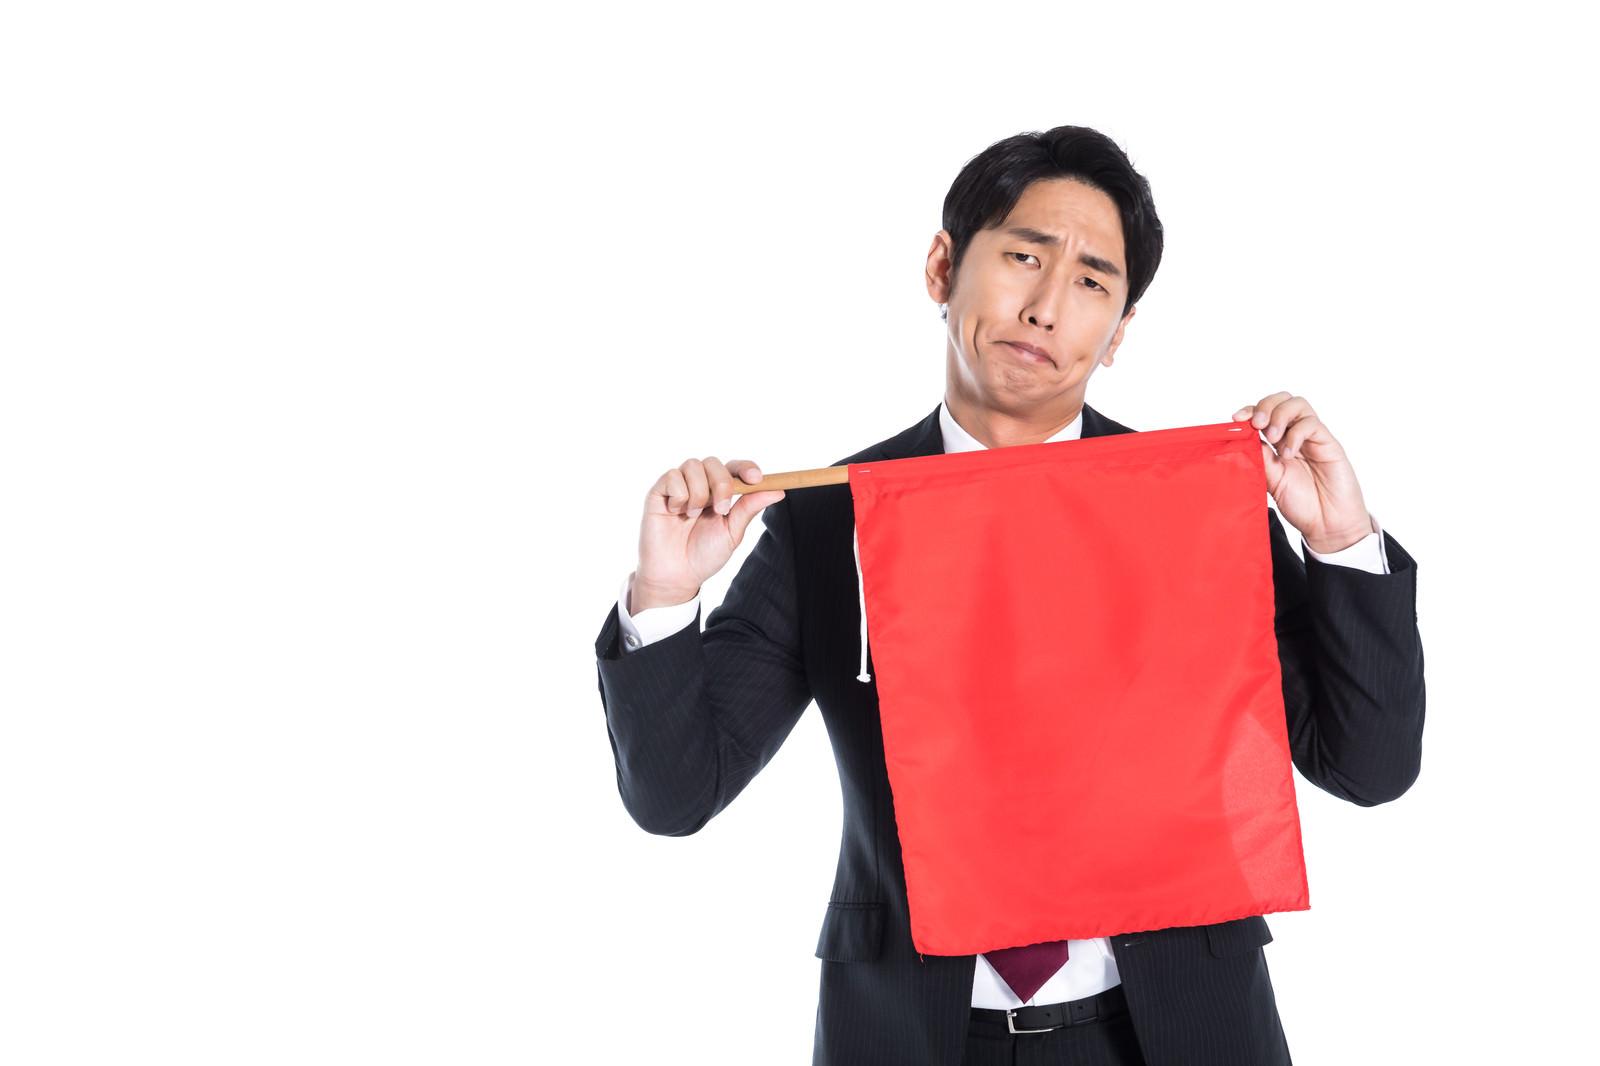 「赤い旗を持って危険を知らせる会社員」の写真[モデル:大川竜弥]